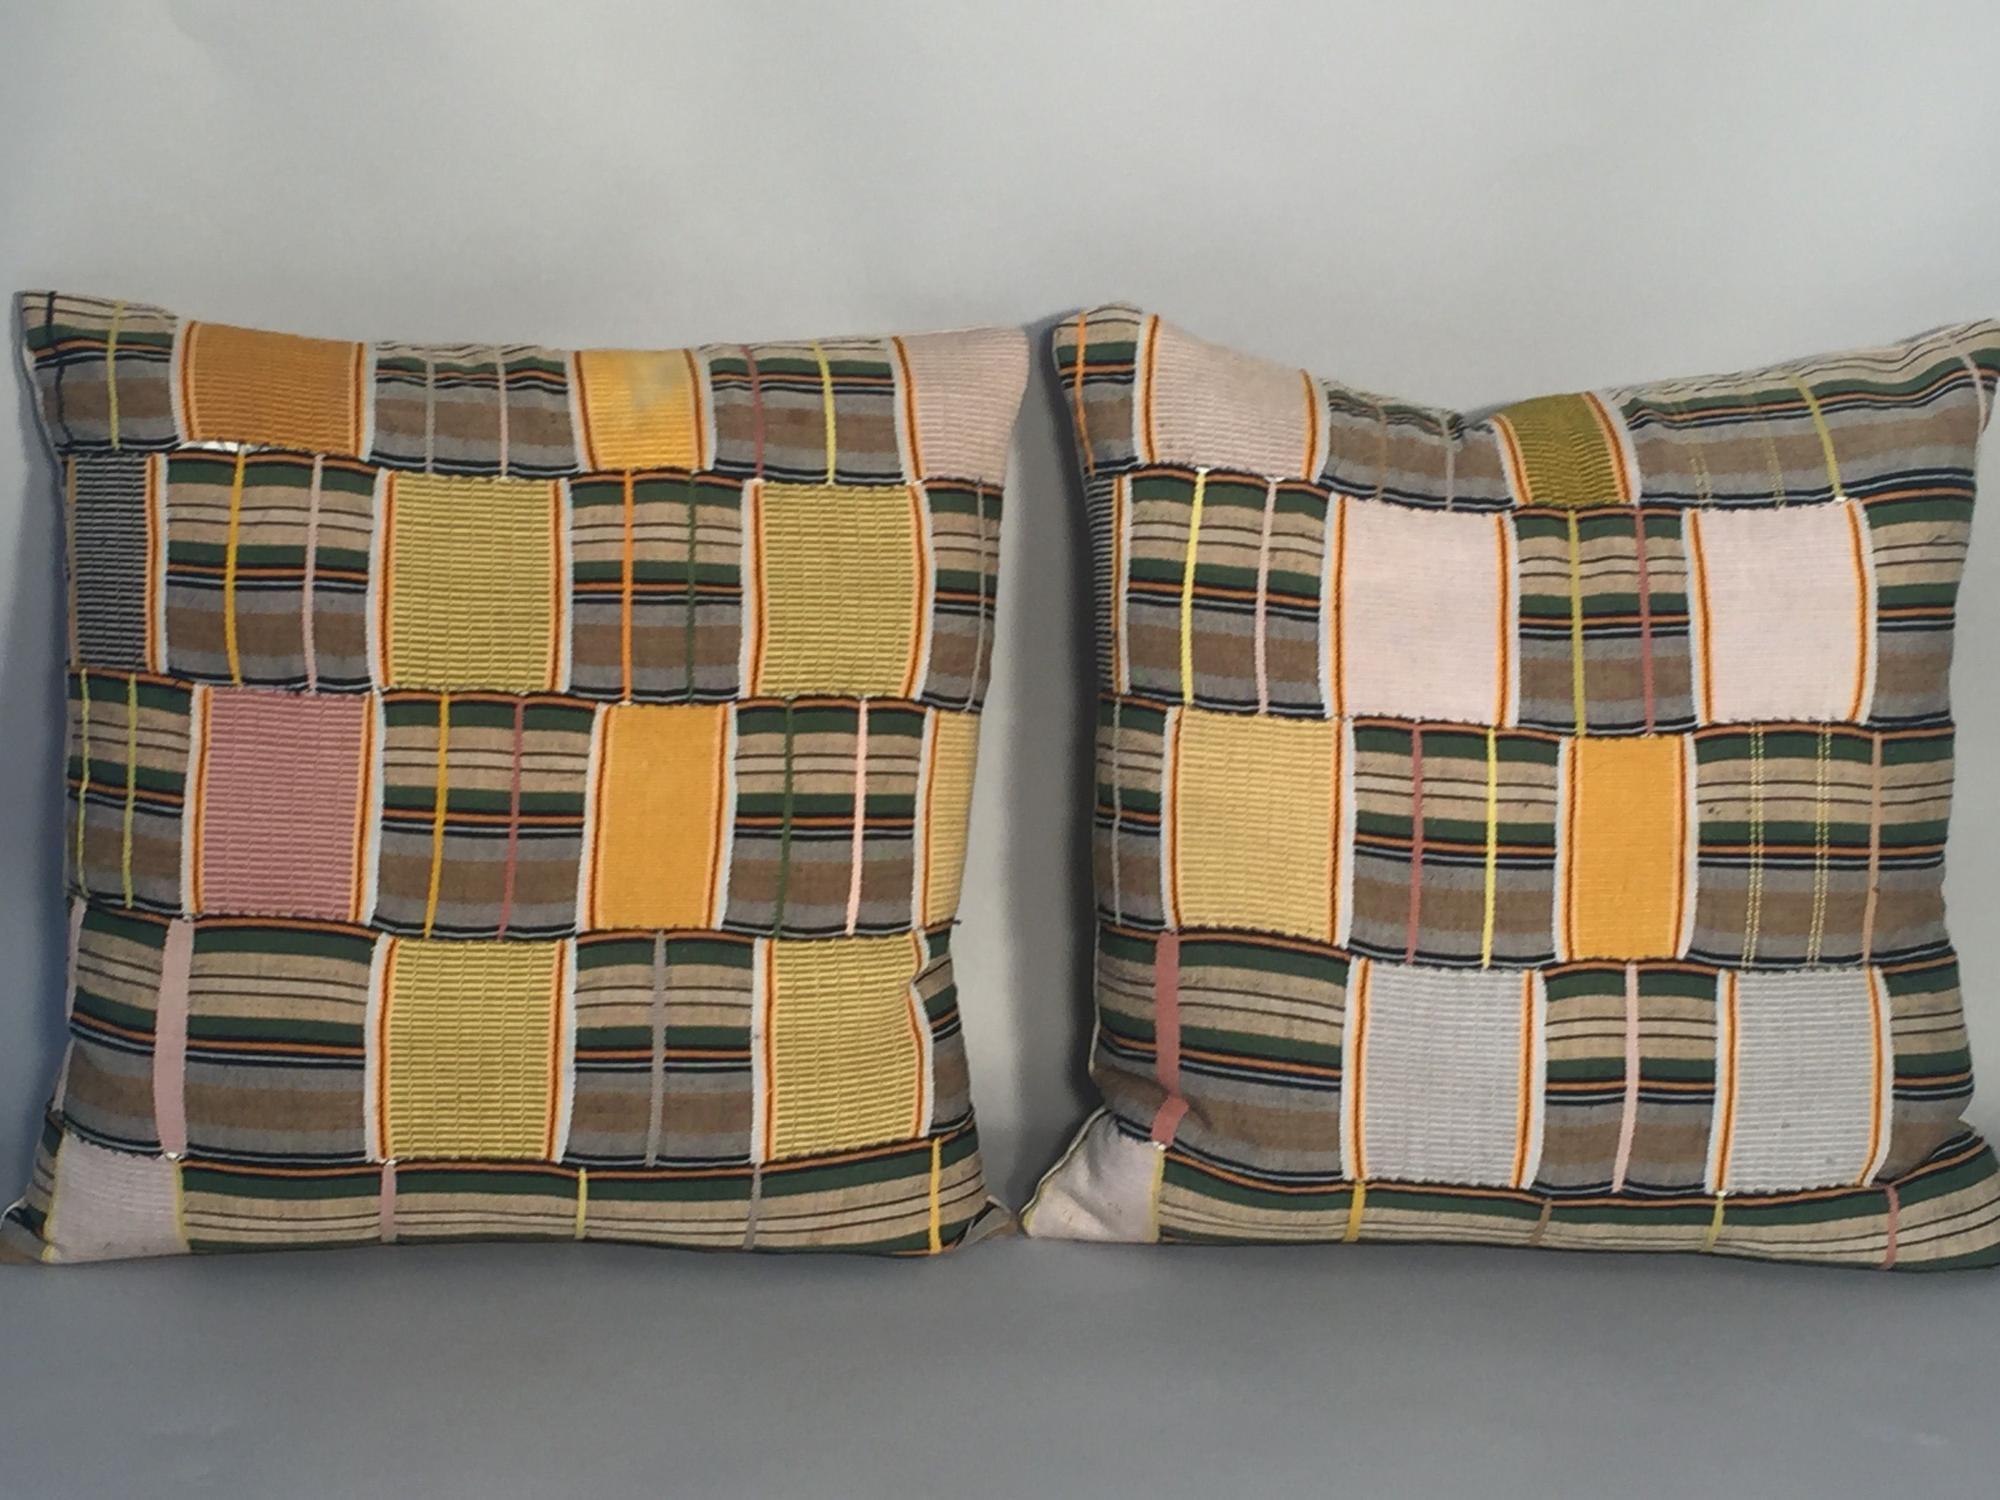 African Ewe cushions